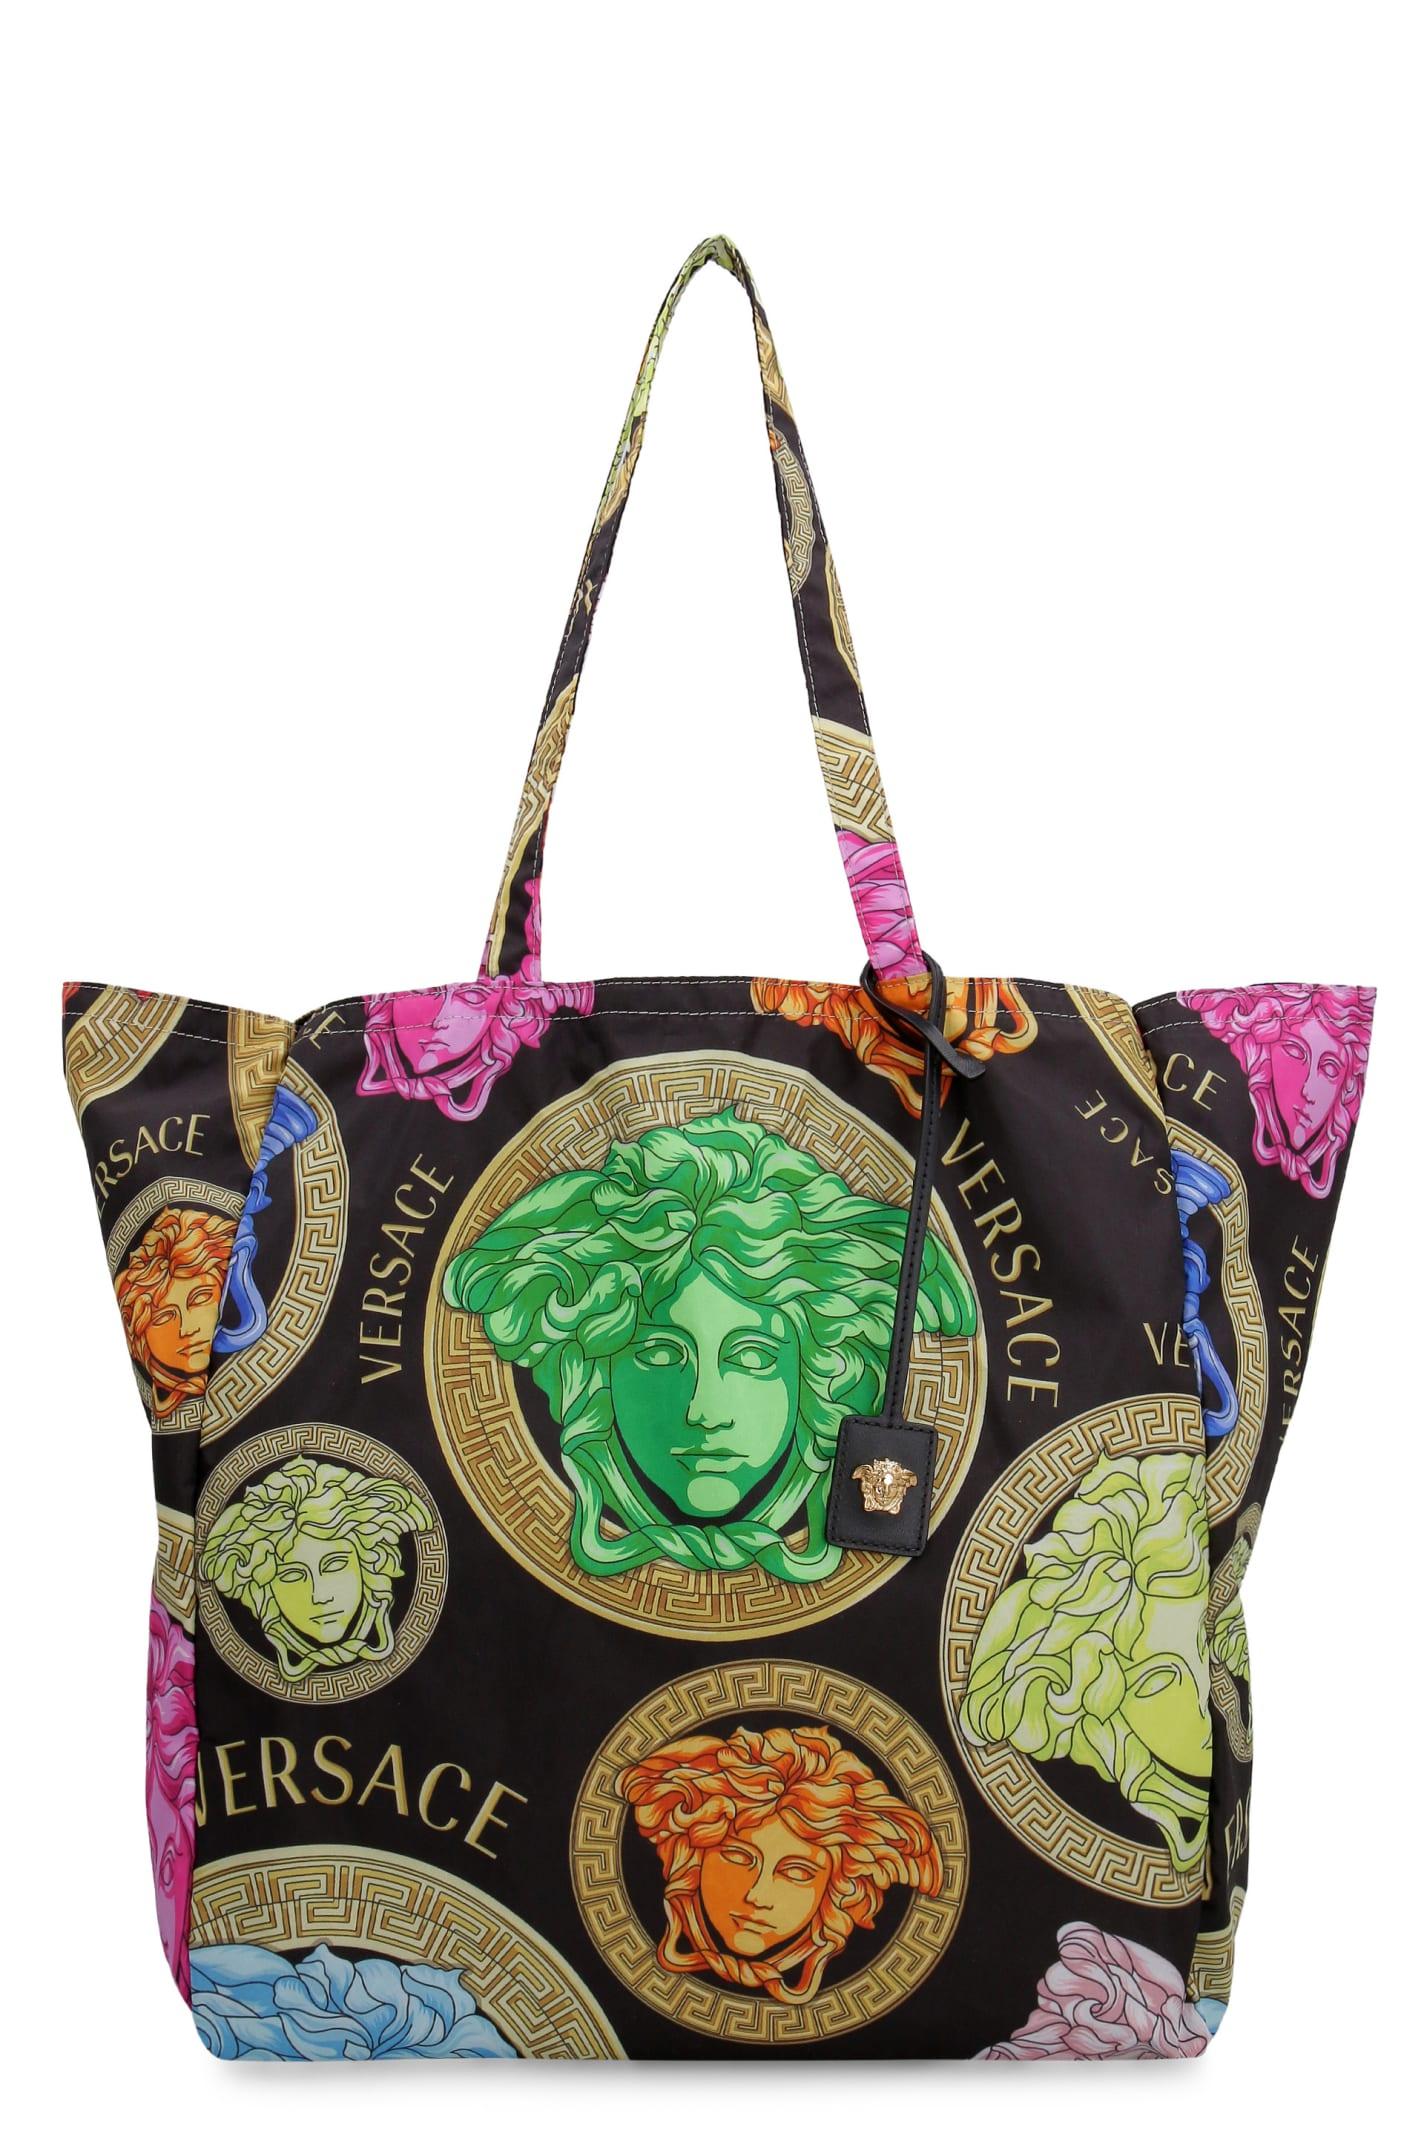 Versace Totes PRINTED TOTE BAG